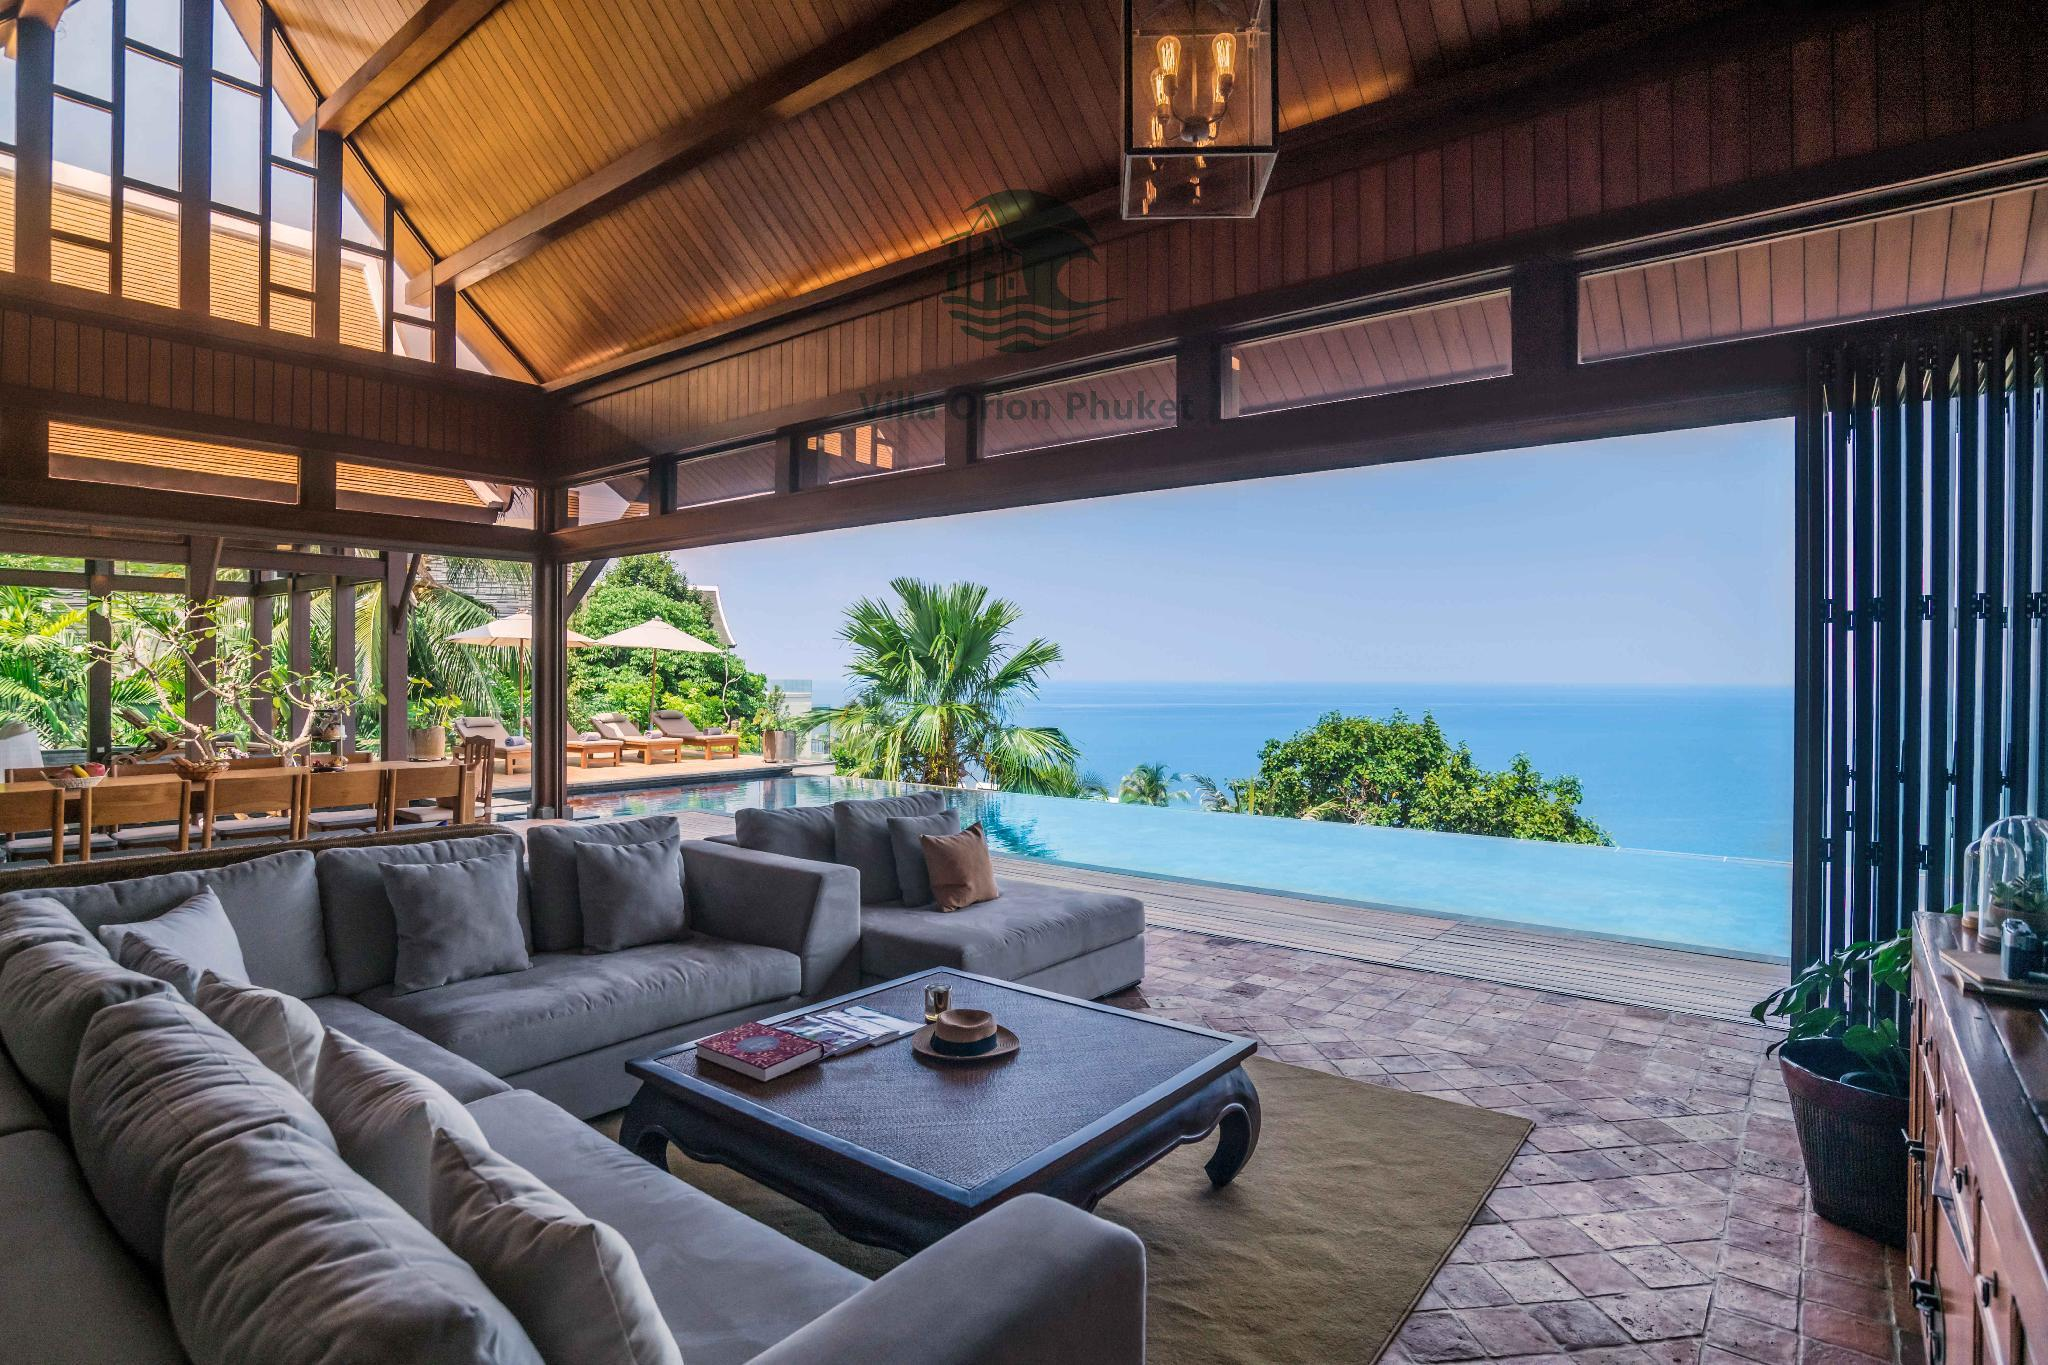 Phuket Villa Orion 5Bedroom Infinity pool วิลลา 5 ห้องนอน 5 ห้องน้ำส่วนตัว ขนาด 650 ตร.ม. – ในทอน